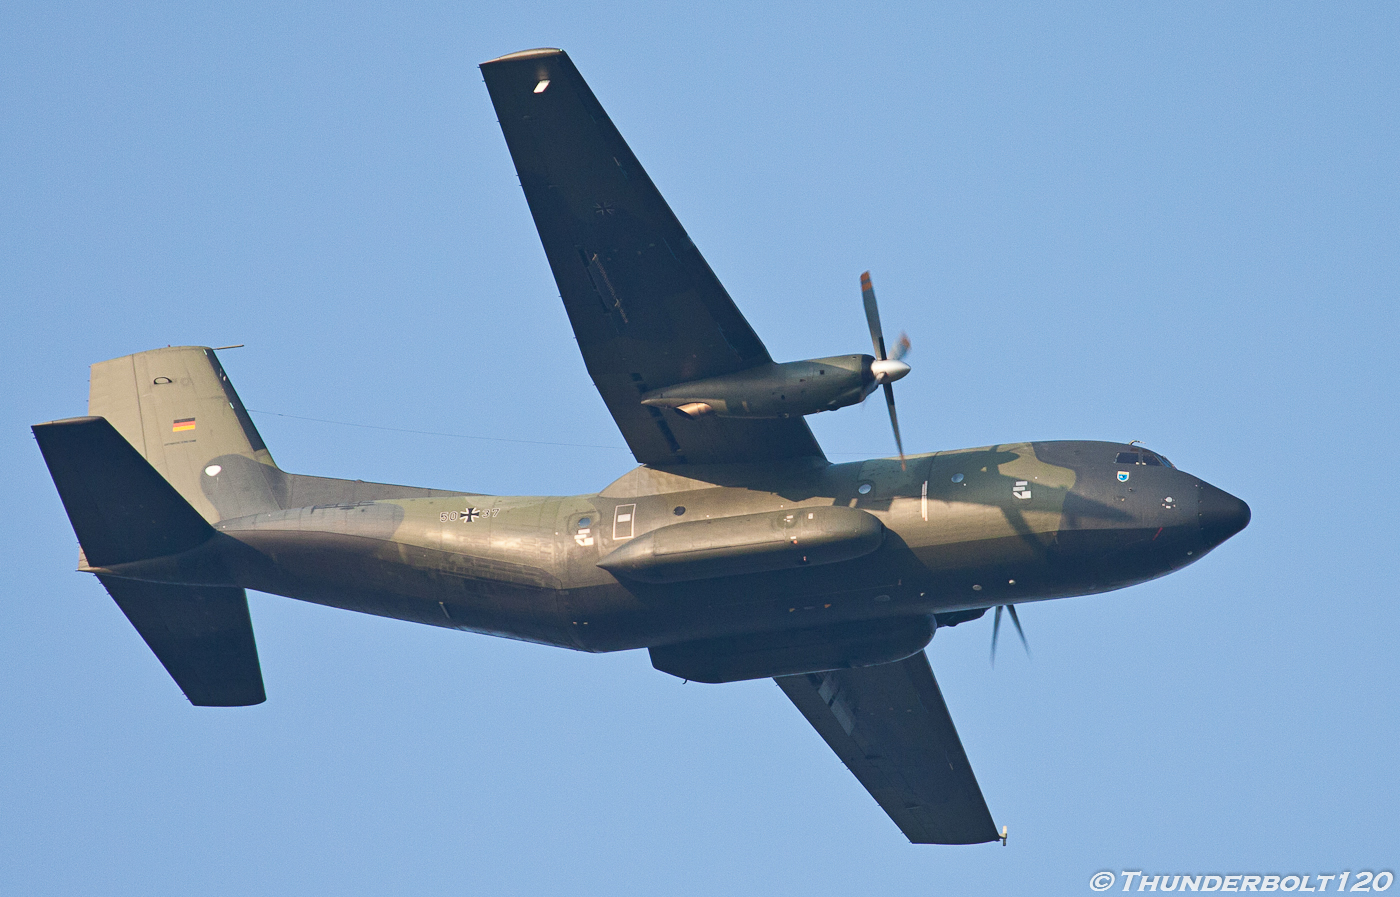 C-160 Transall